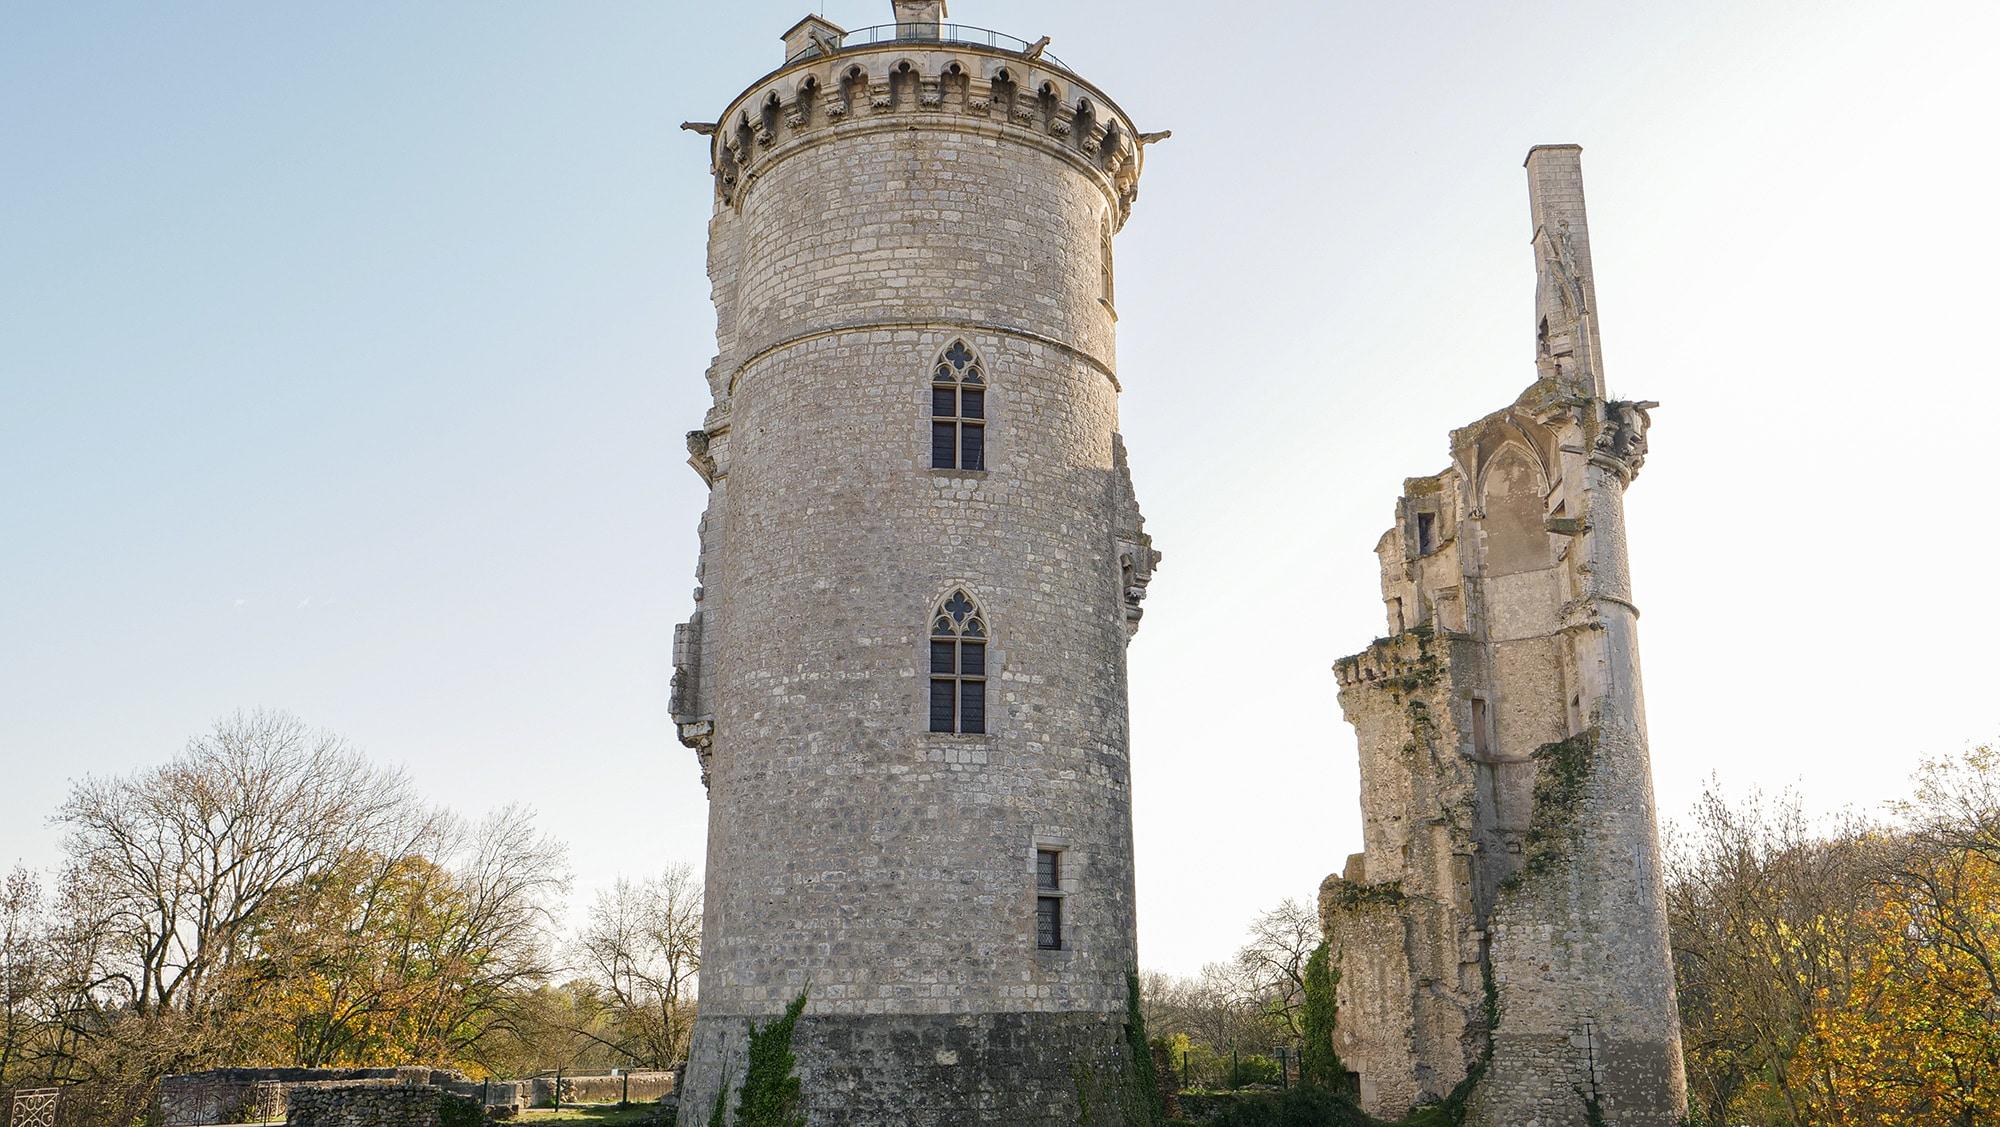 Mehun-sur-Yèvre